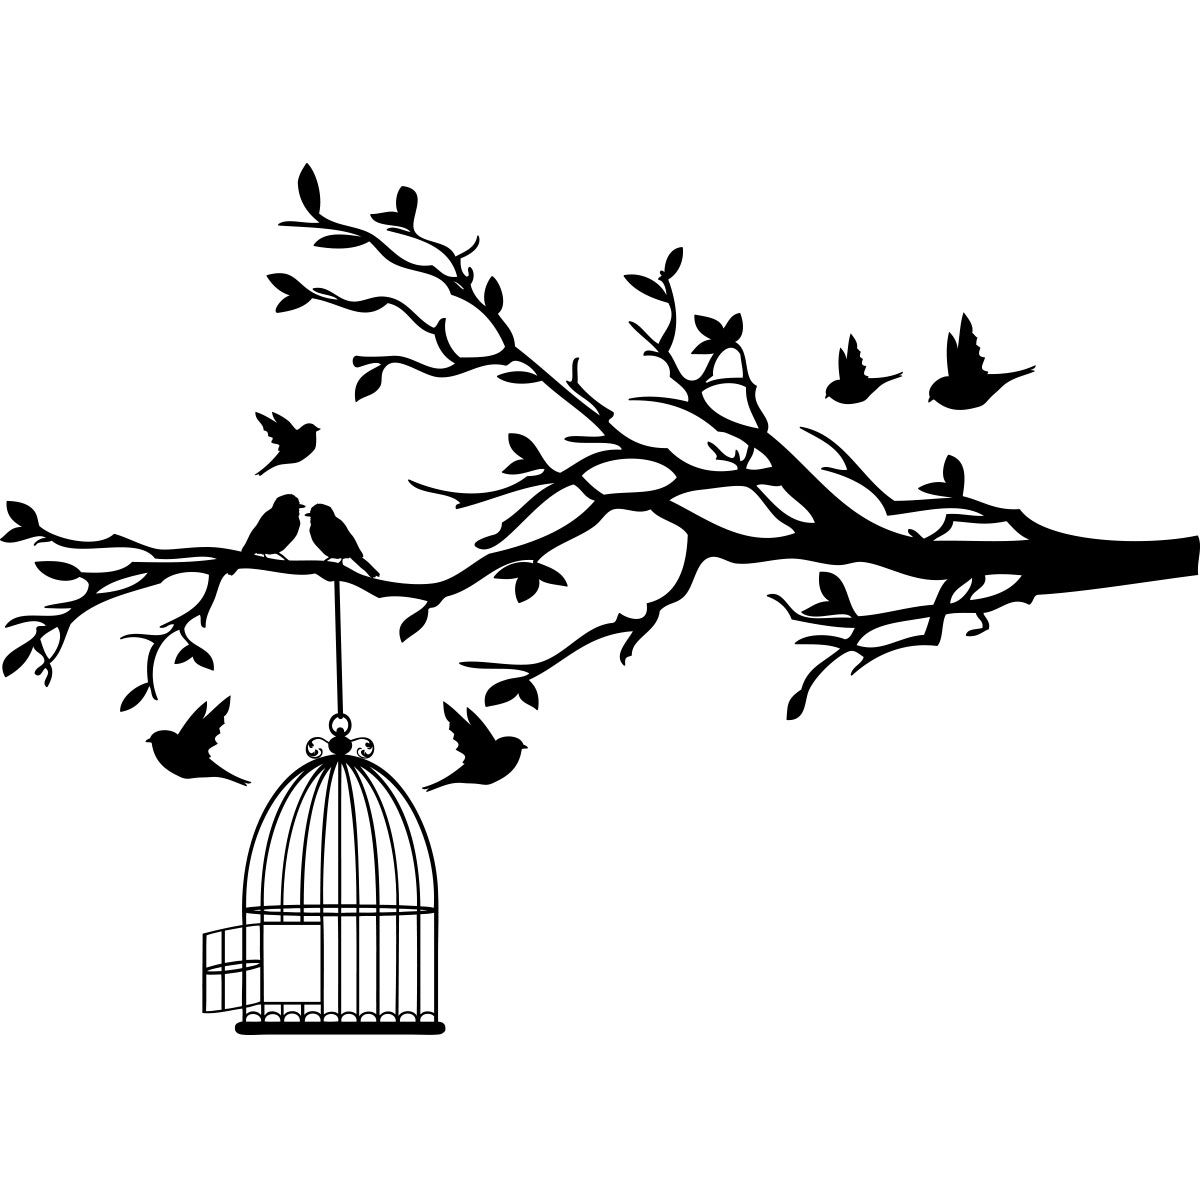 Dessin Maison D Oiseau Dernier B